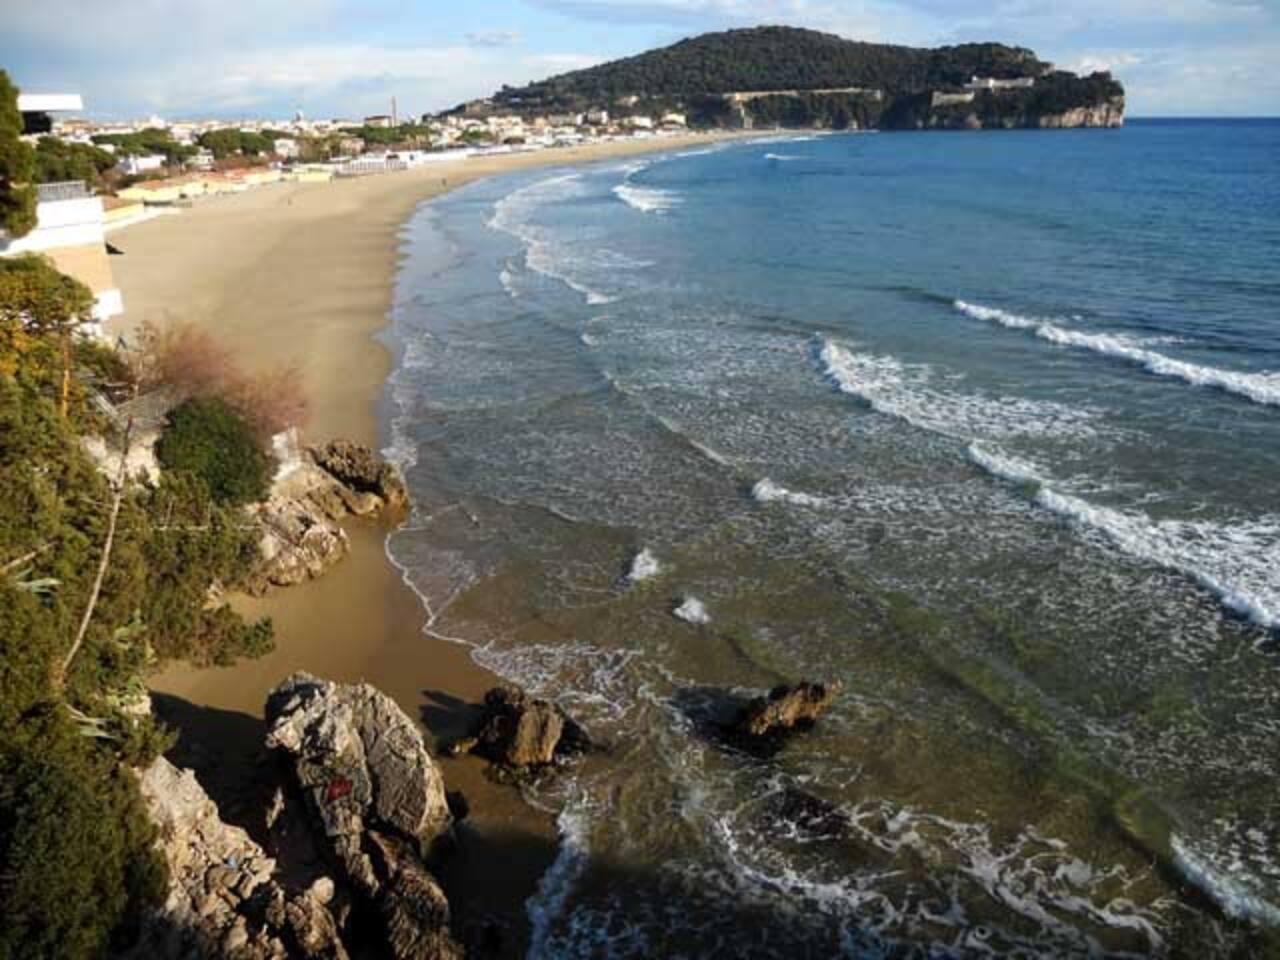 Spiaggia di Serapo, a 5 minuti a piedi da casa